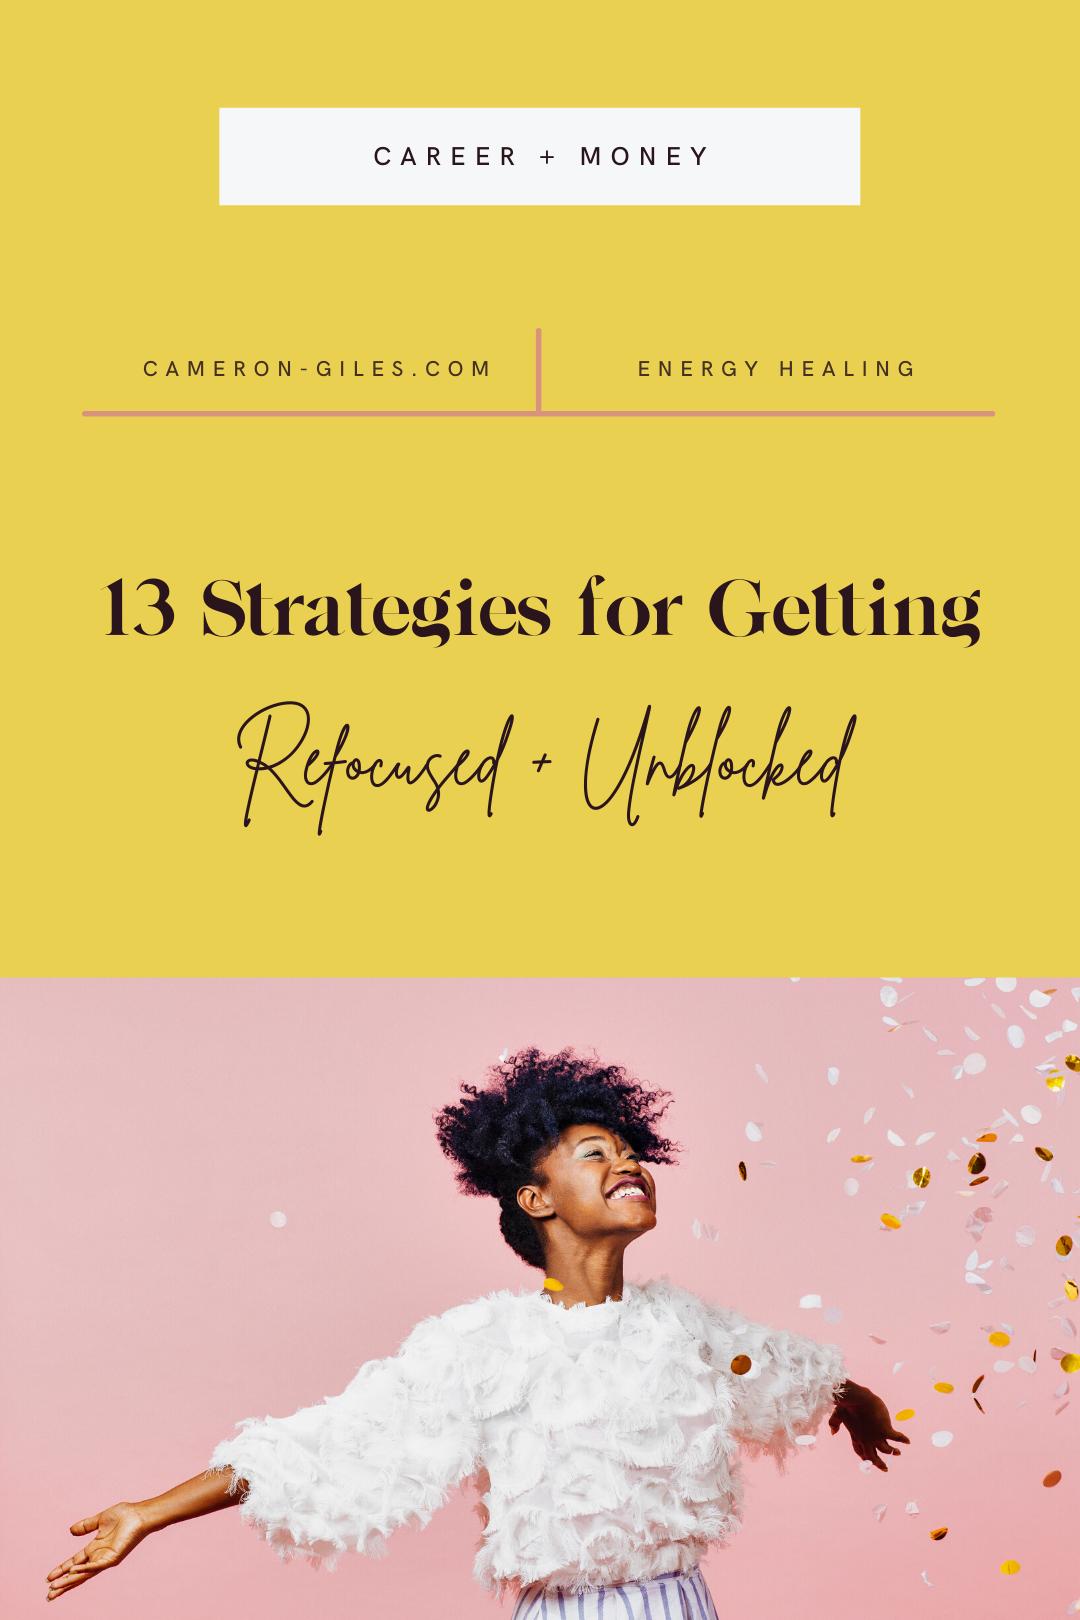 13 Strategies For Getting Refocused + Unblocked